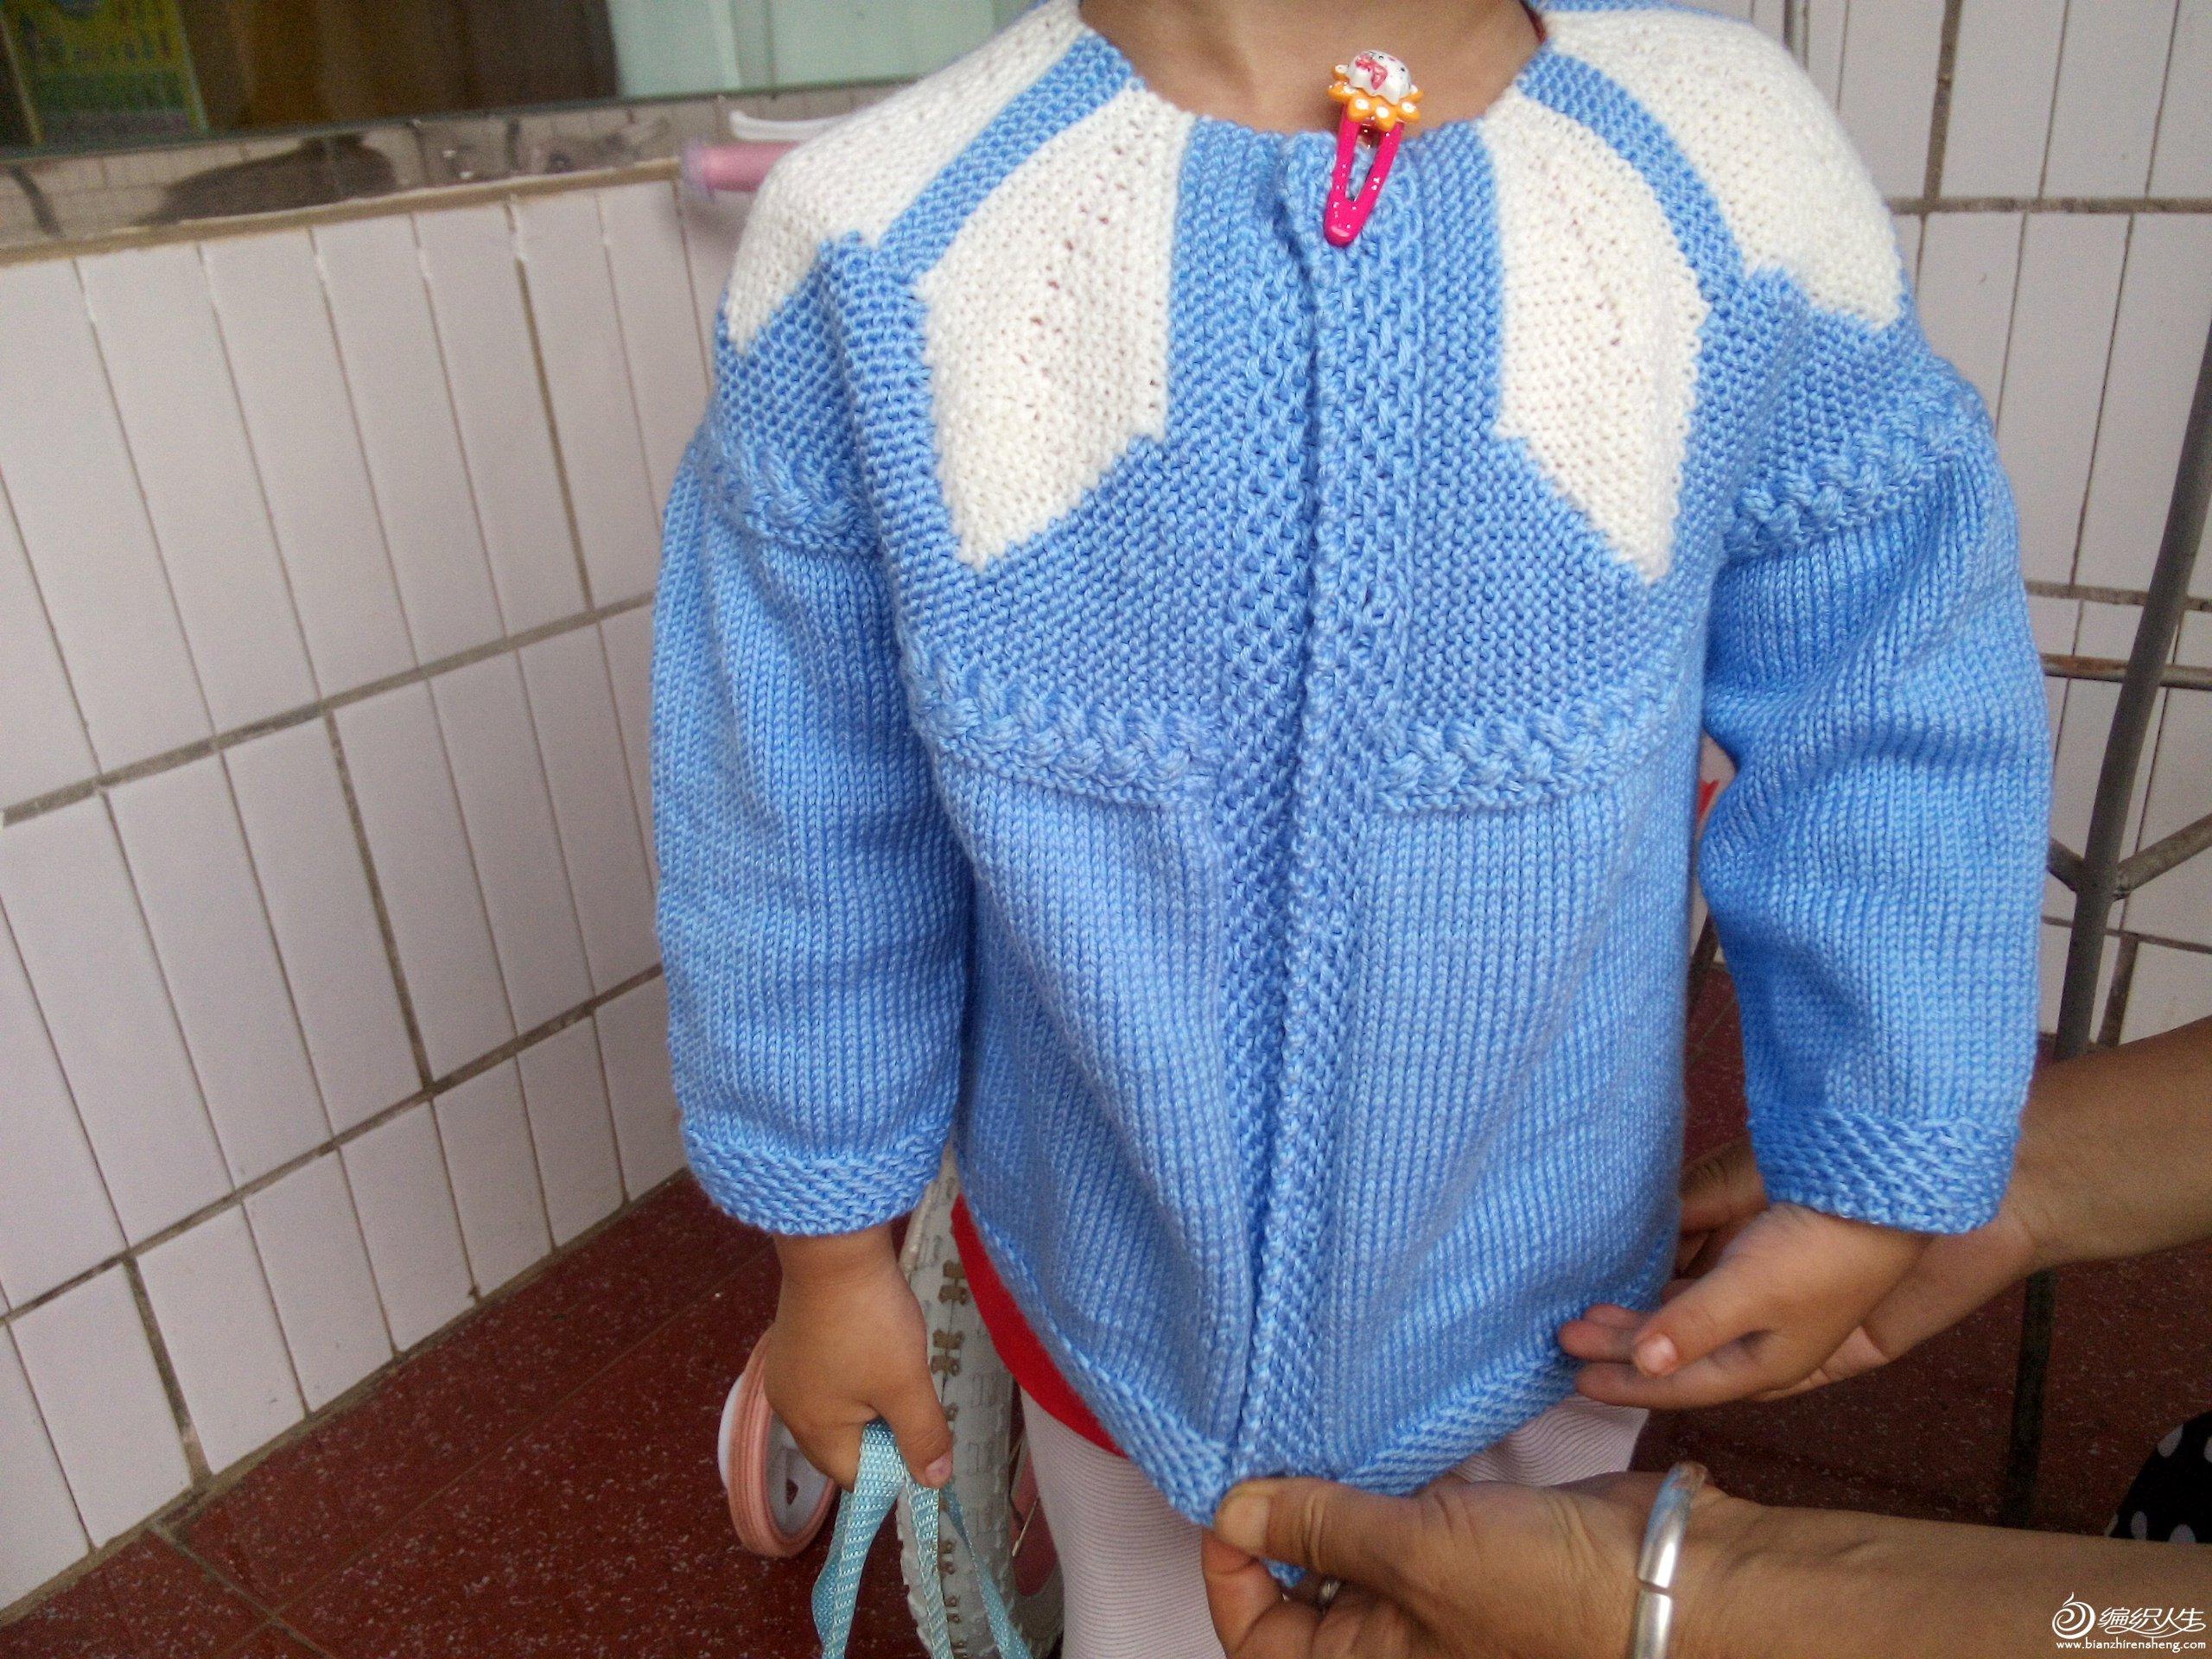 正面 婴儿小毛衣高清图片